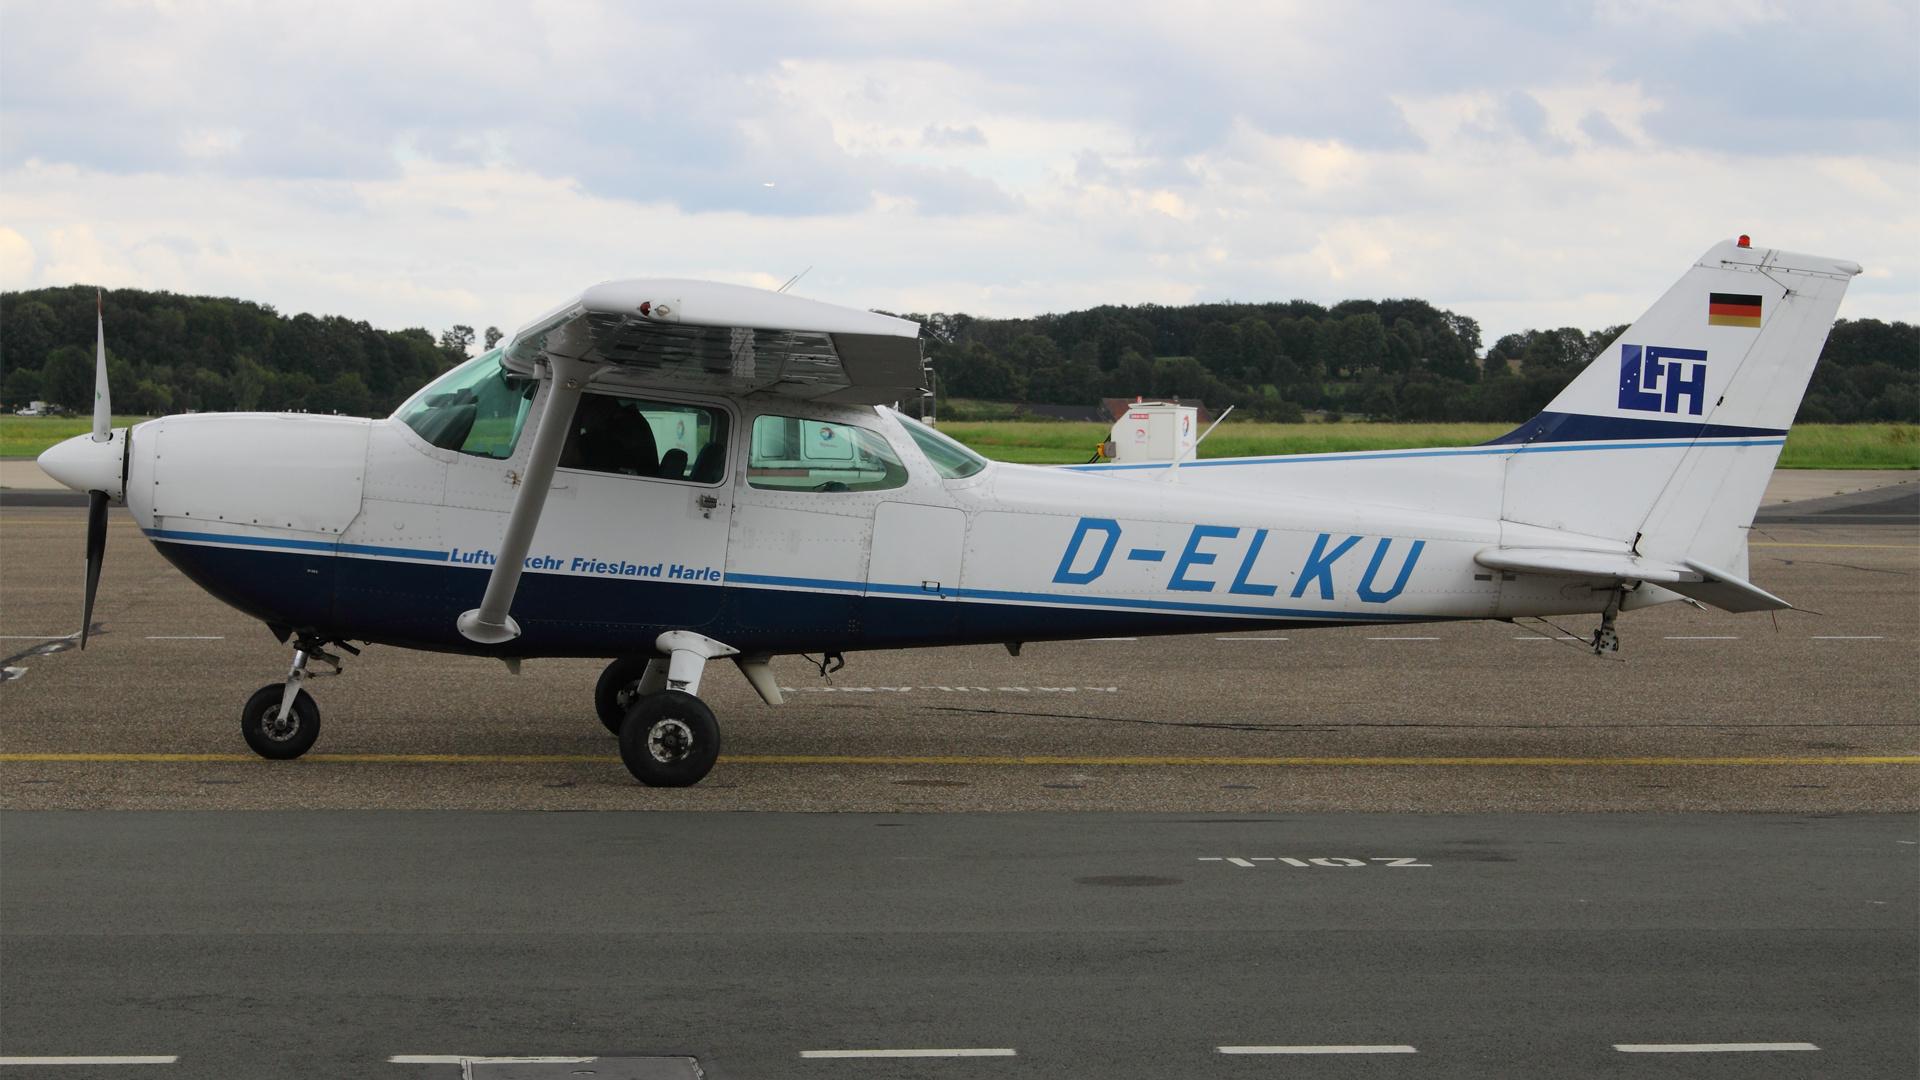 D-ELKU-1 C172 ESS 201108